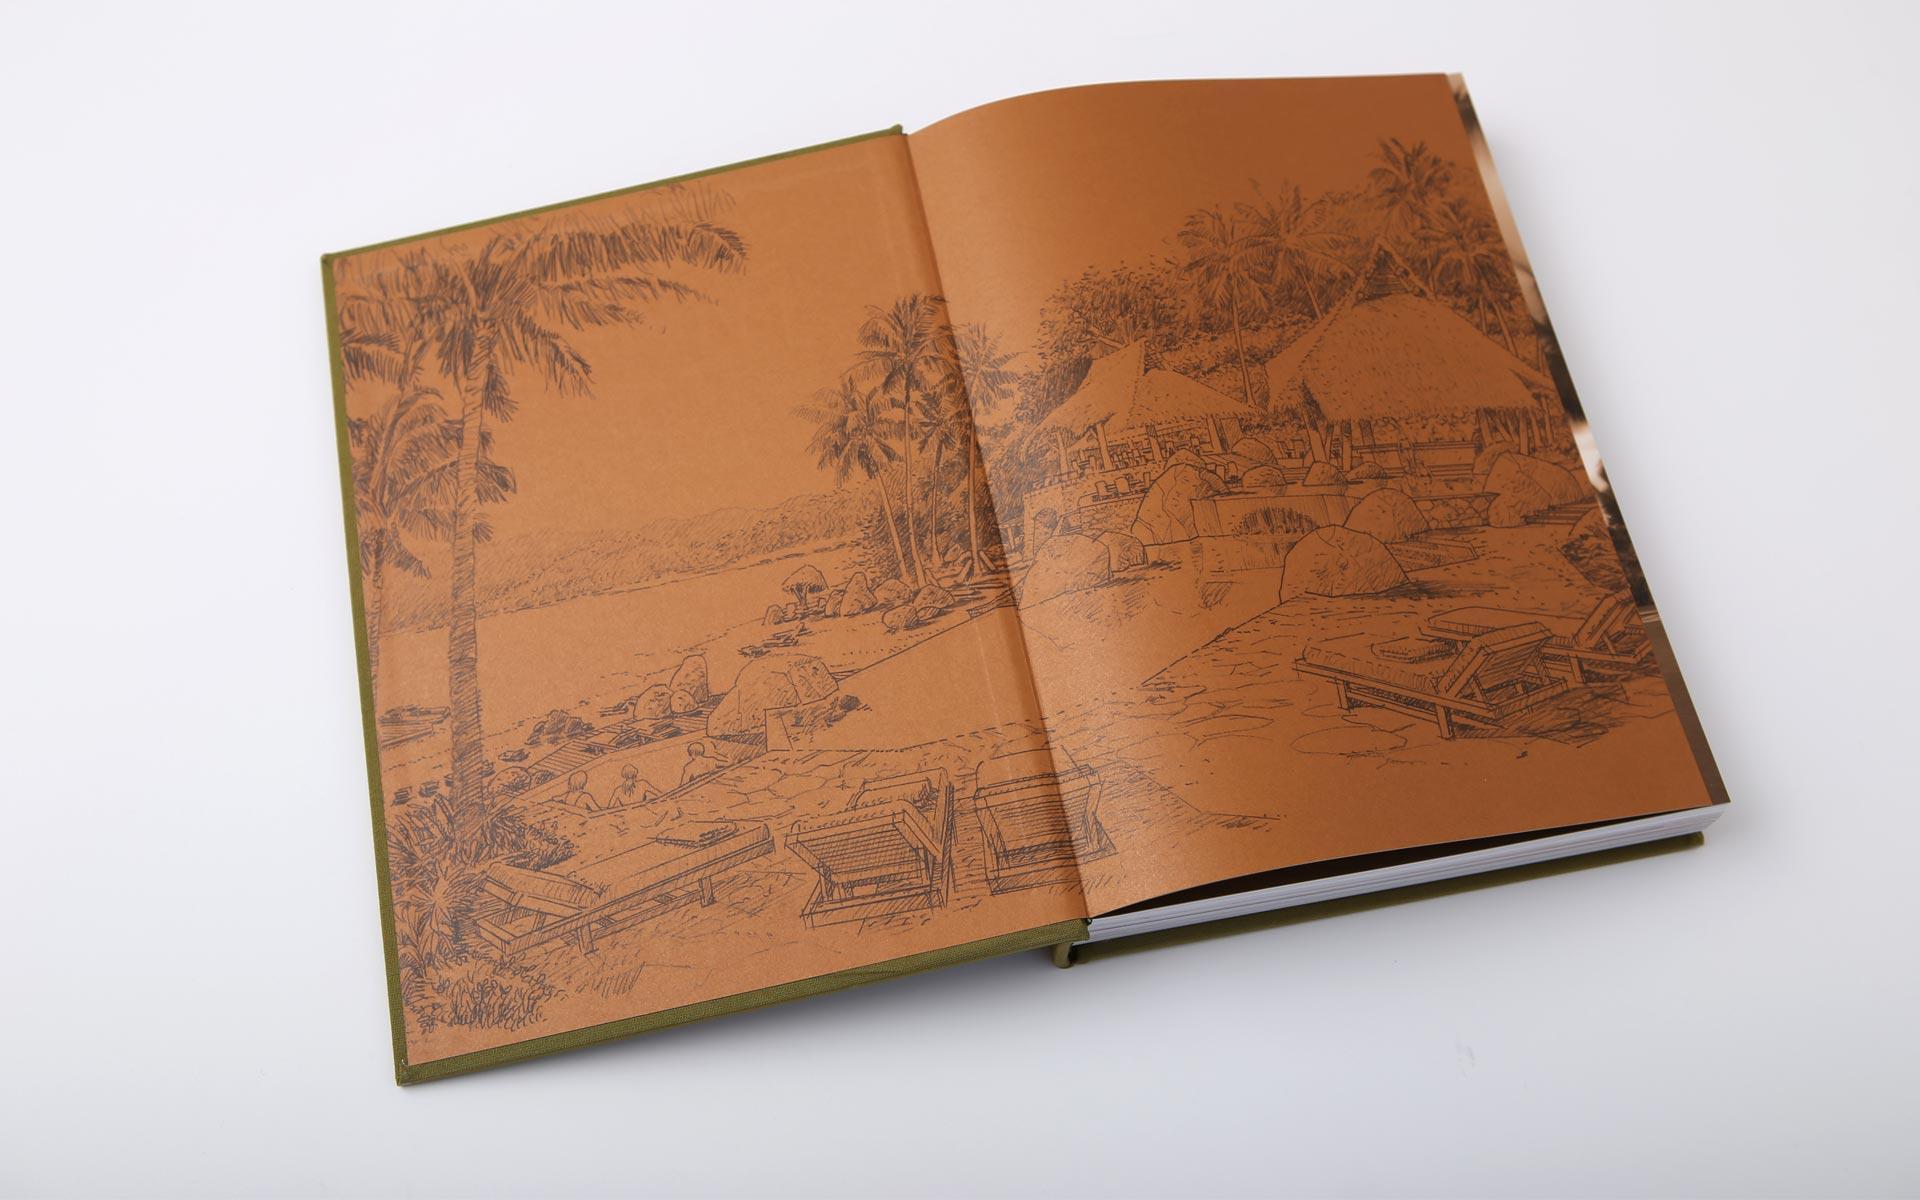 tropical-architecture-book-design-3